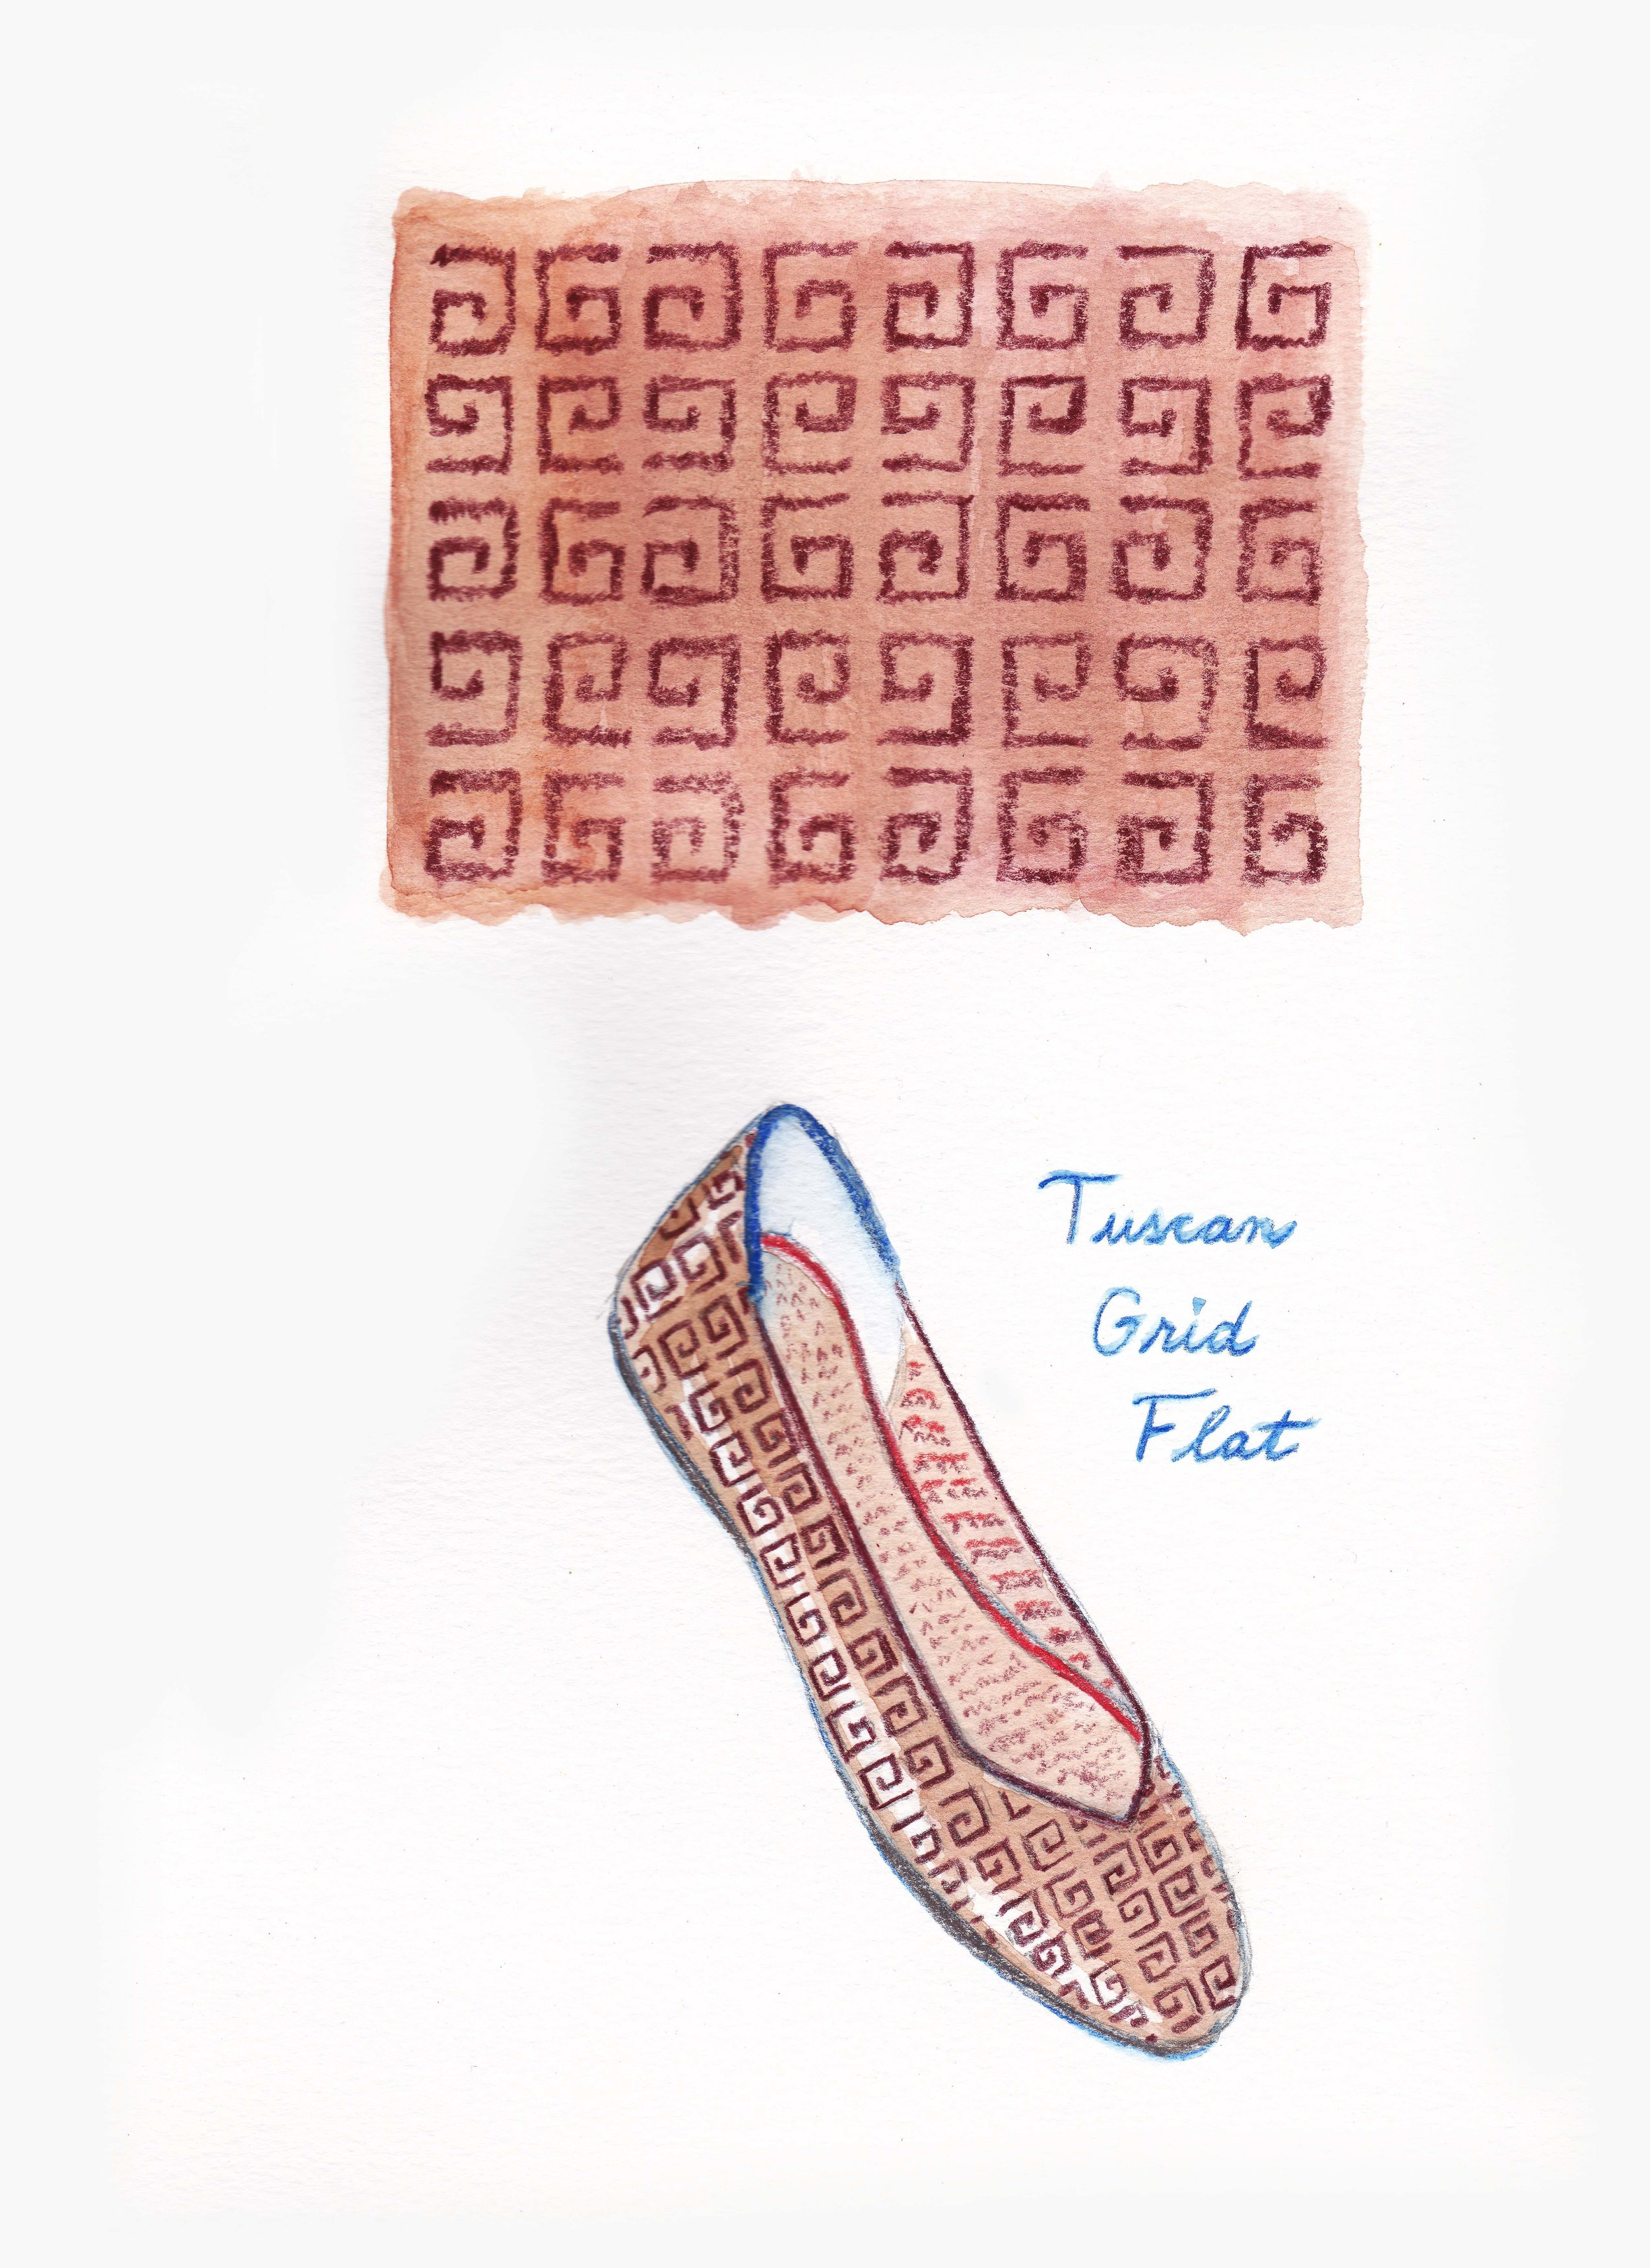 Laura Ann_Rothys_Tuscan Grid Flat.jpg